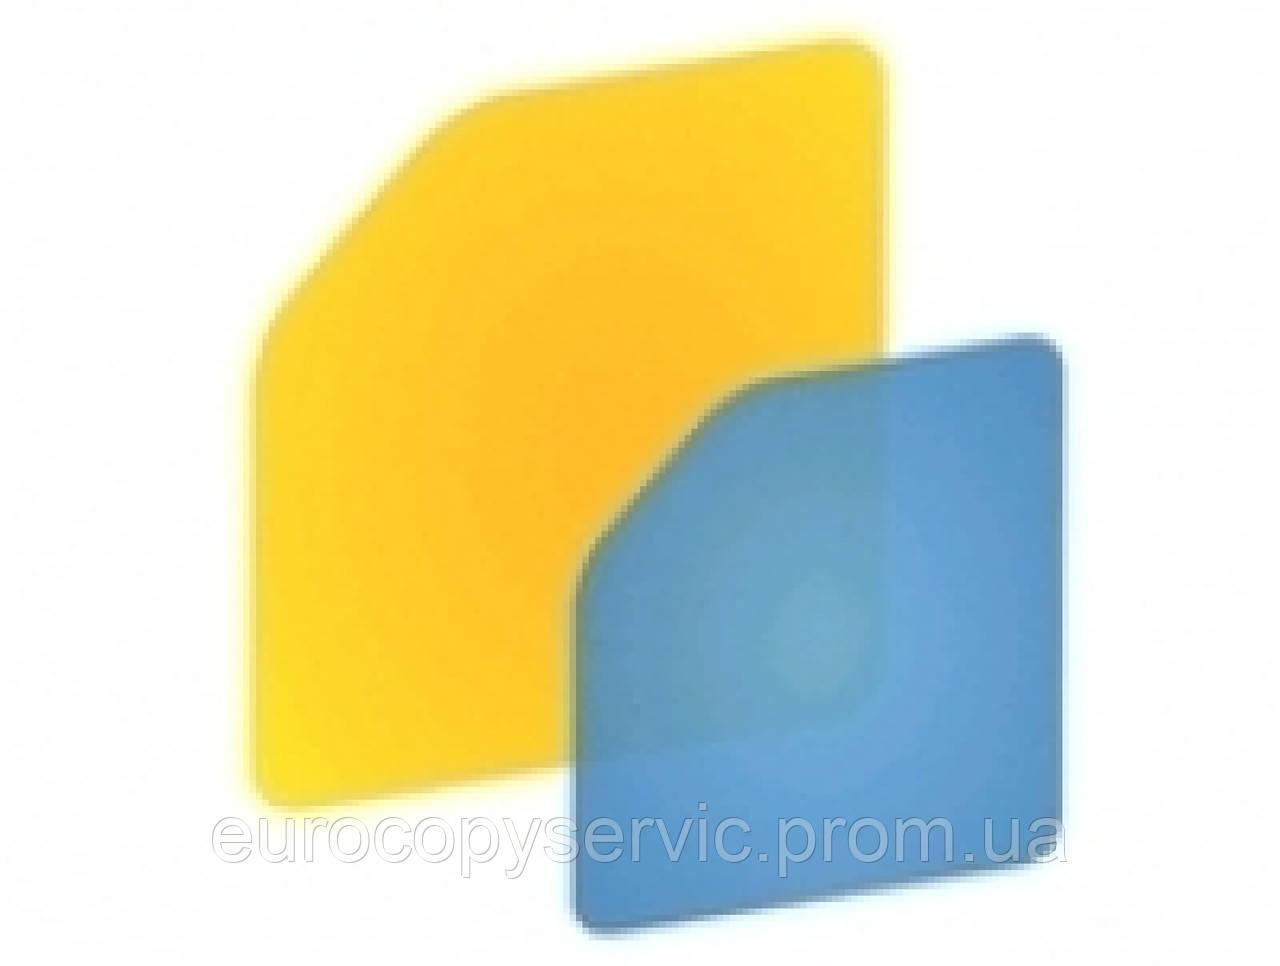 Тонер-картридж BASF для OKI C332/MC363 аналог 46508733 Yellow (BASF-KT-46508733)